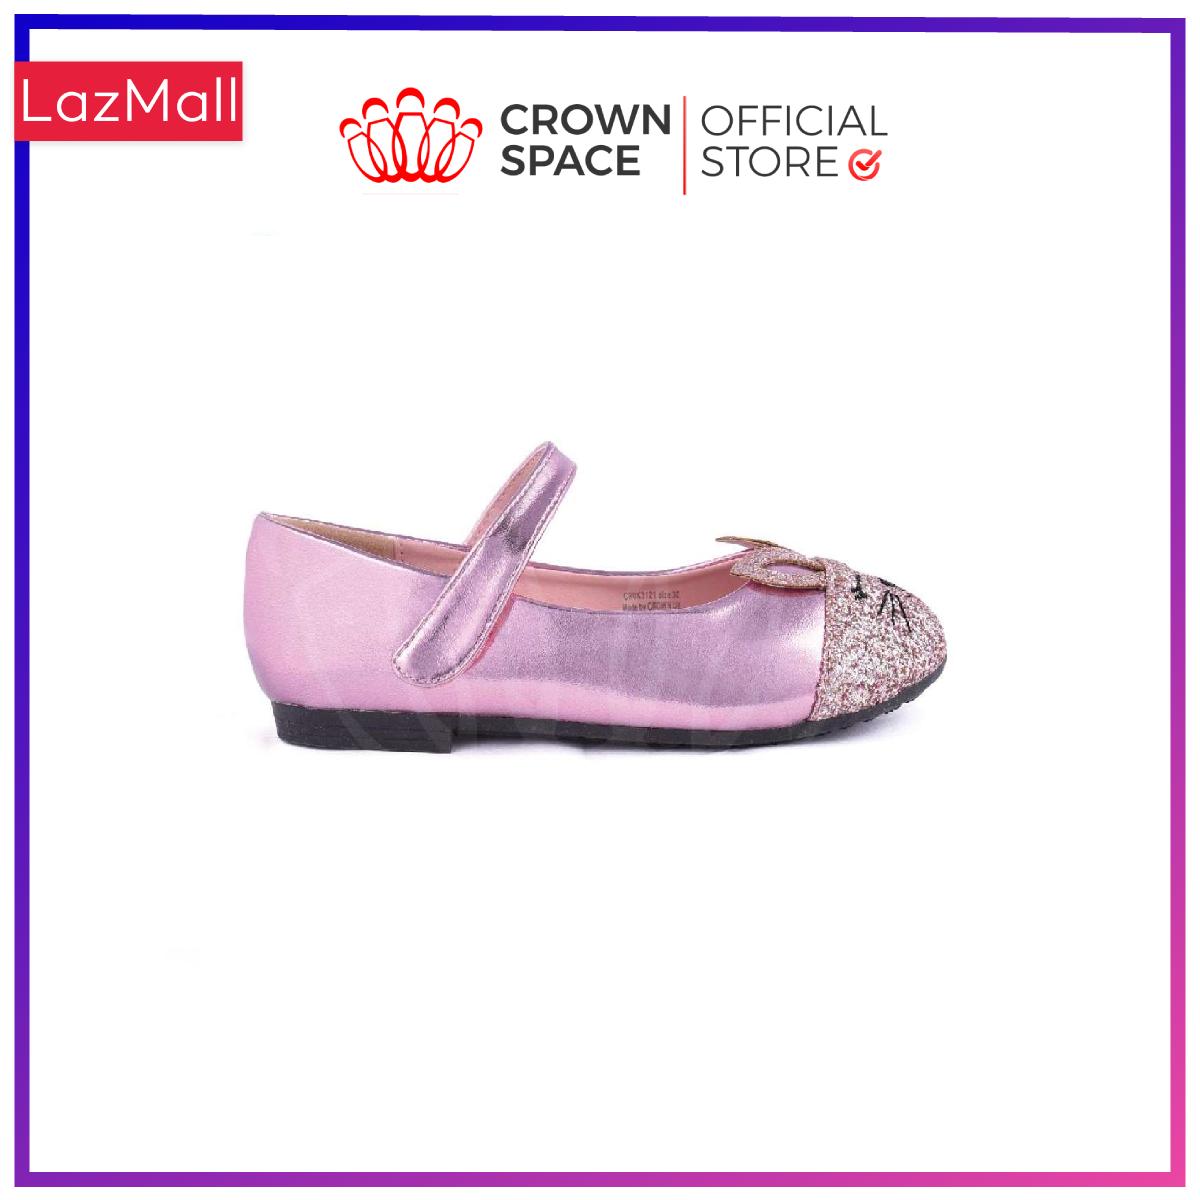 Giày Búp Bê Bé Gái Đi Học Đi Chơi Crown Space UK Ballerina Trẻ Em Cao Cấp CRUK3121 Nhẹ Êm Thoáng Size 25-30/2-10 Tuổi